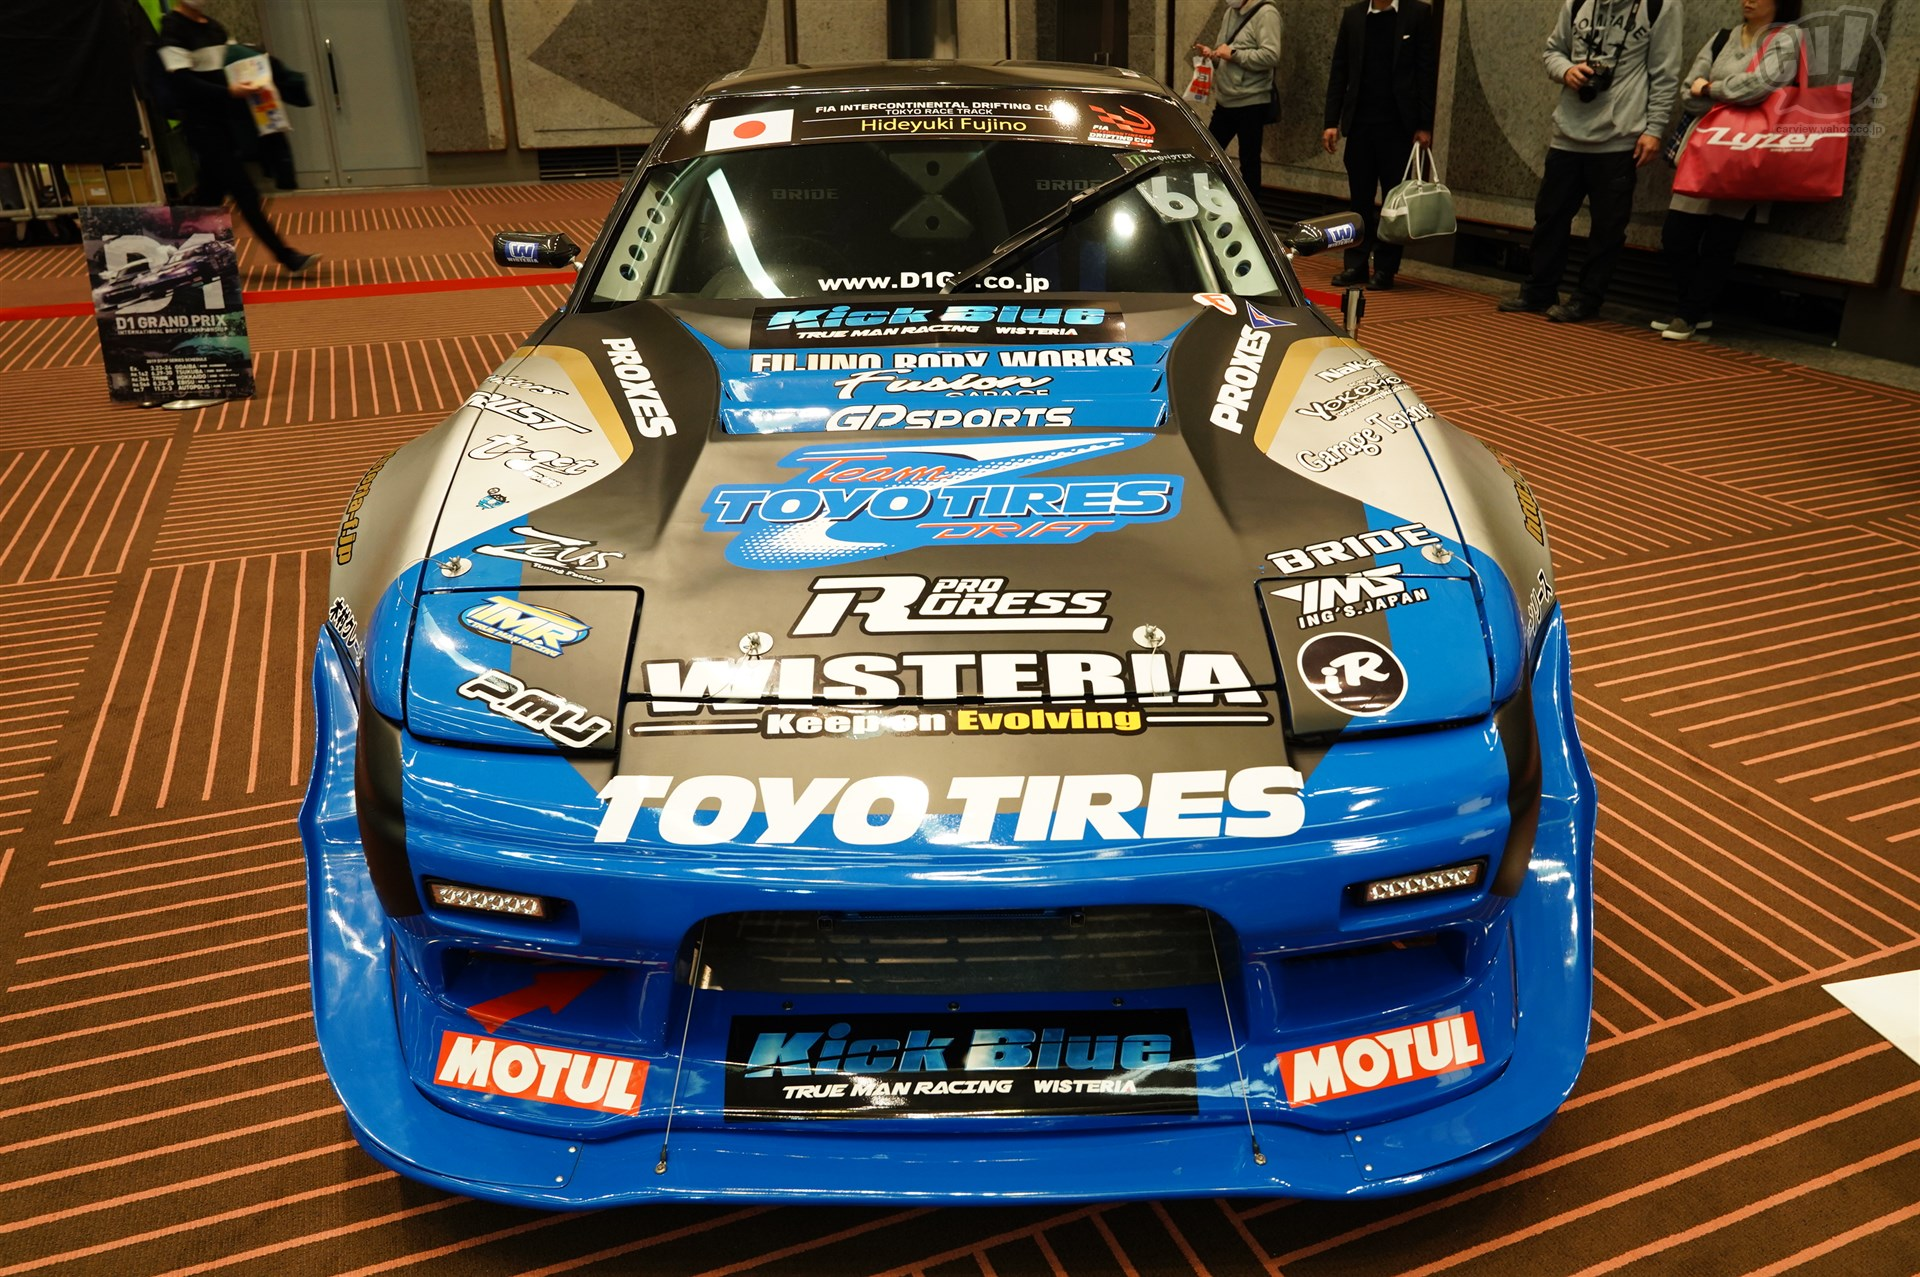 WRC PARK WISTERIA 180SX